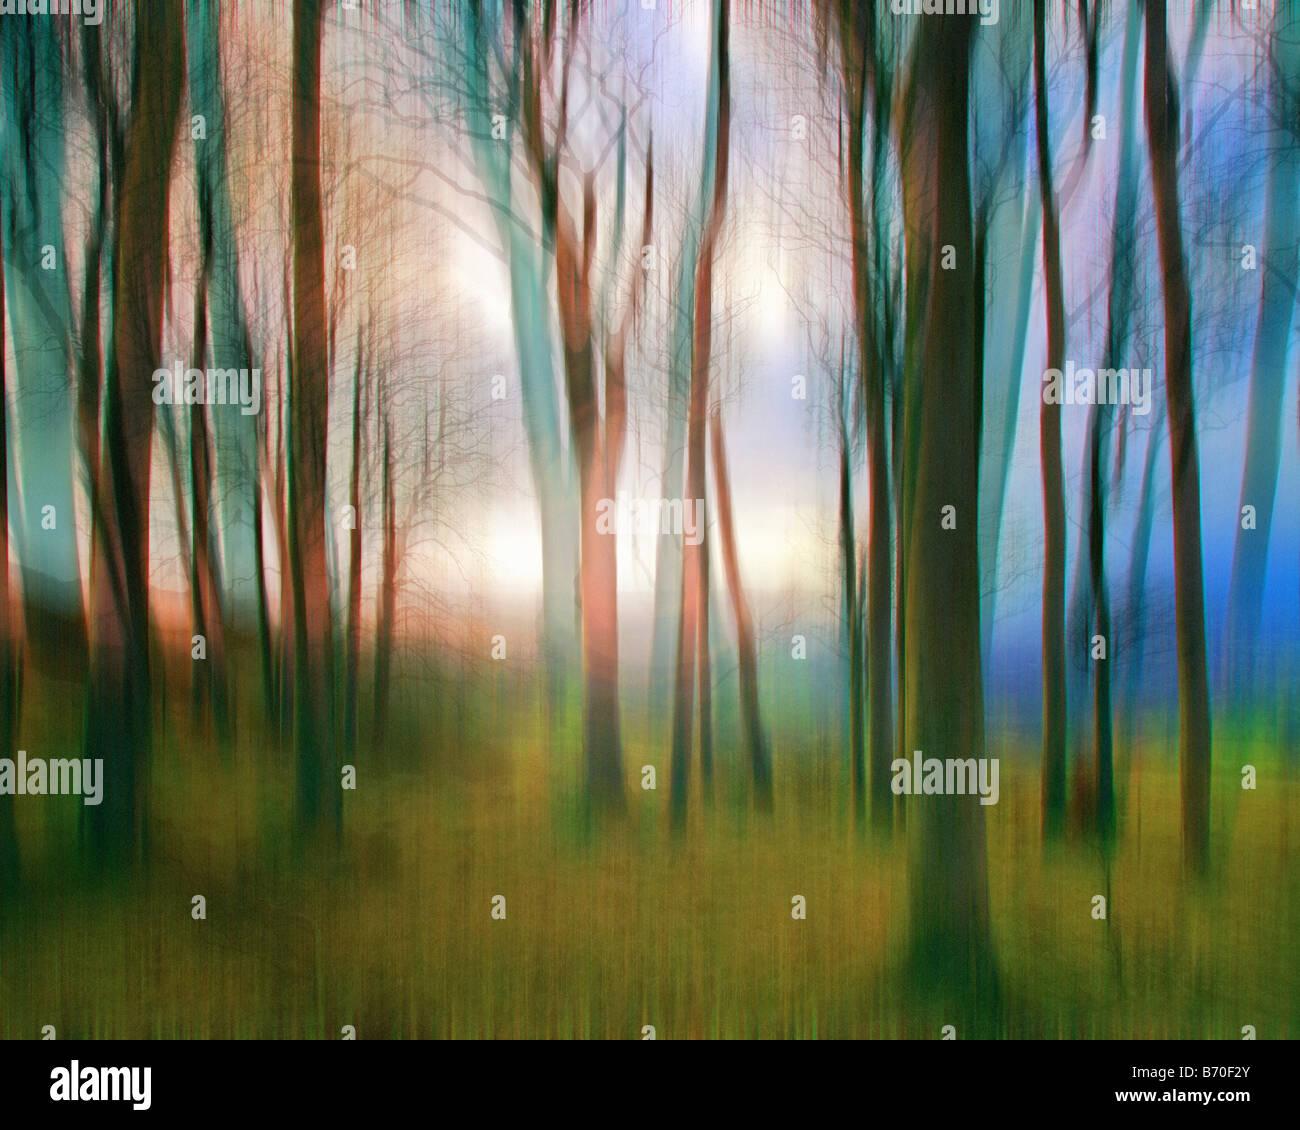 Arte: Magic Boschi Immagini Stock